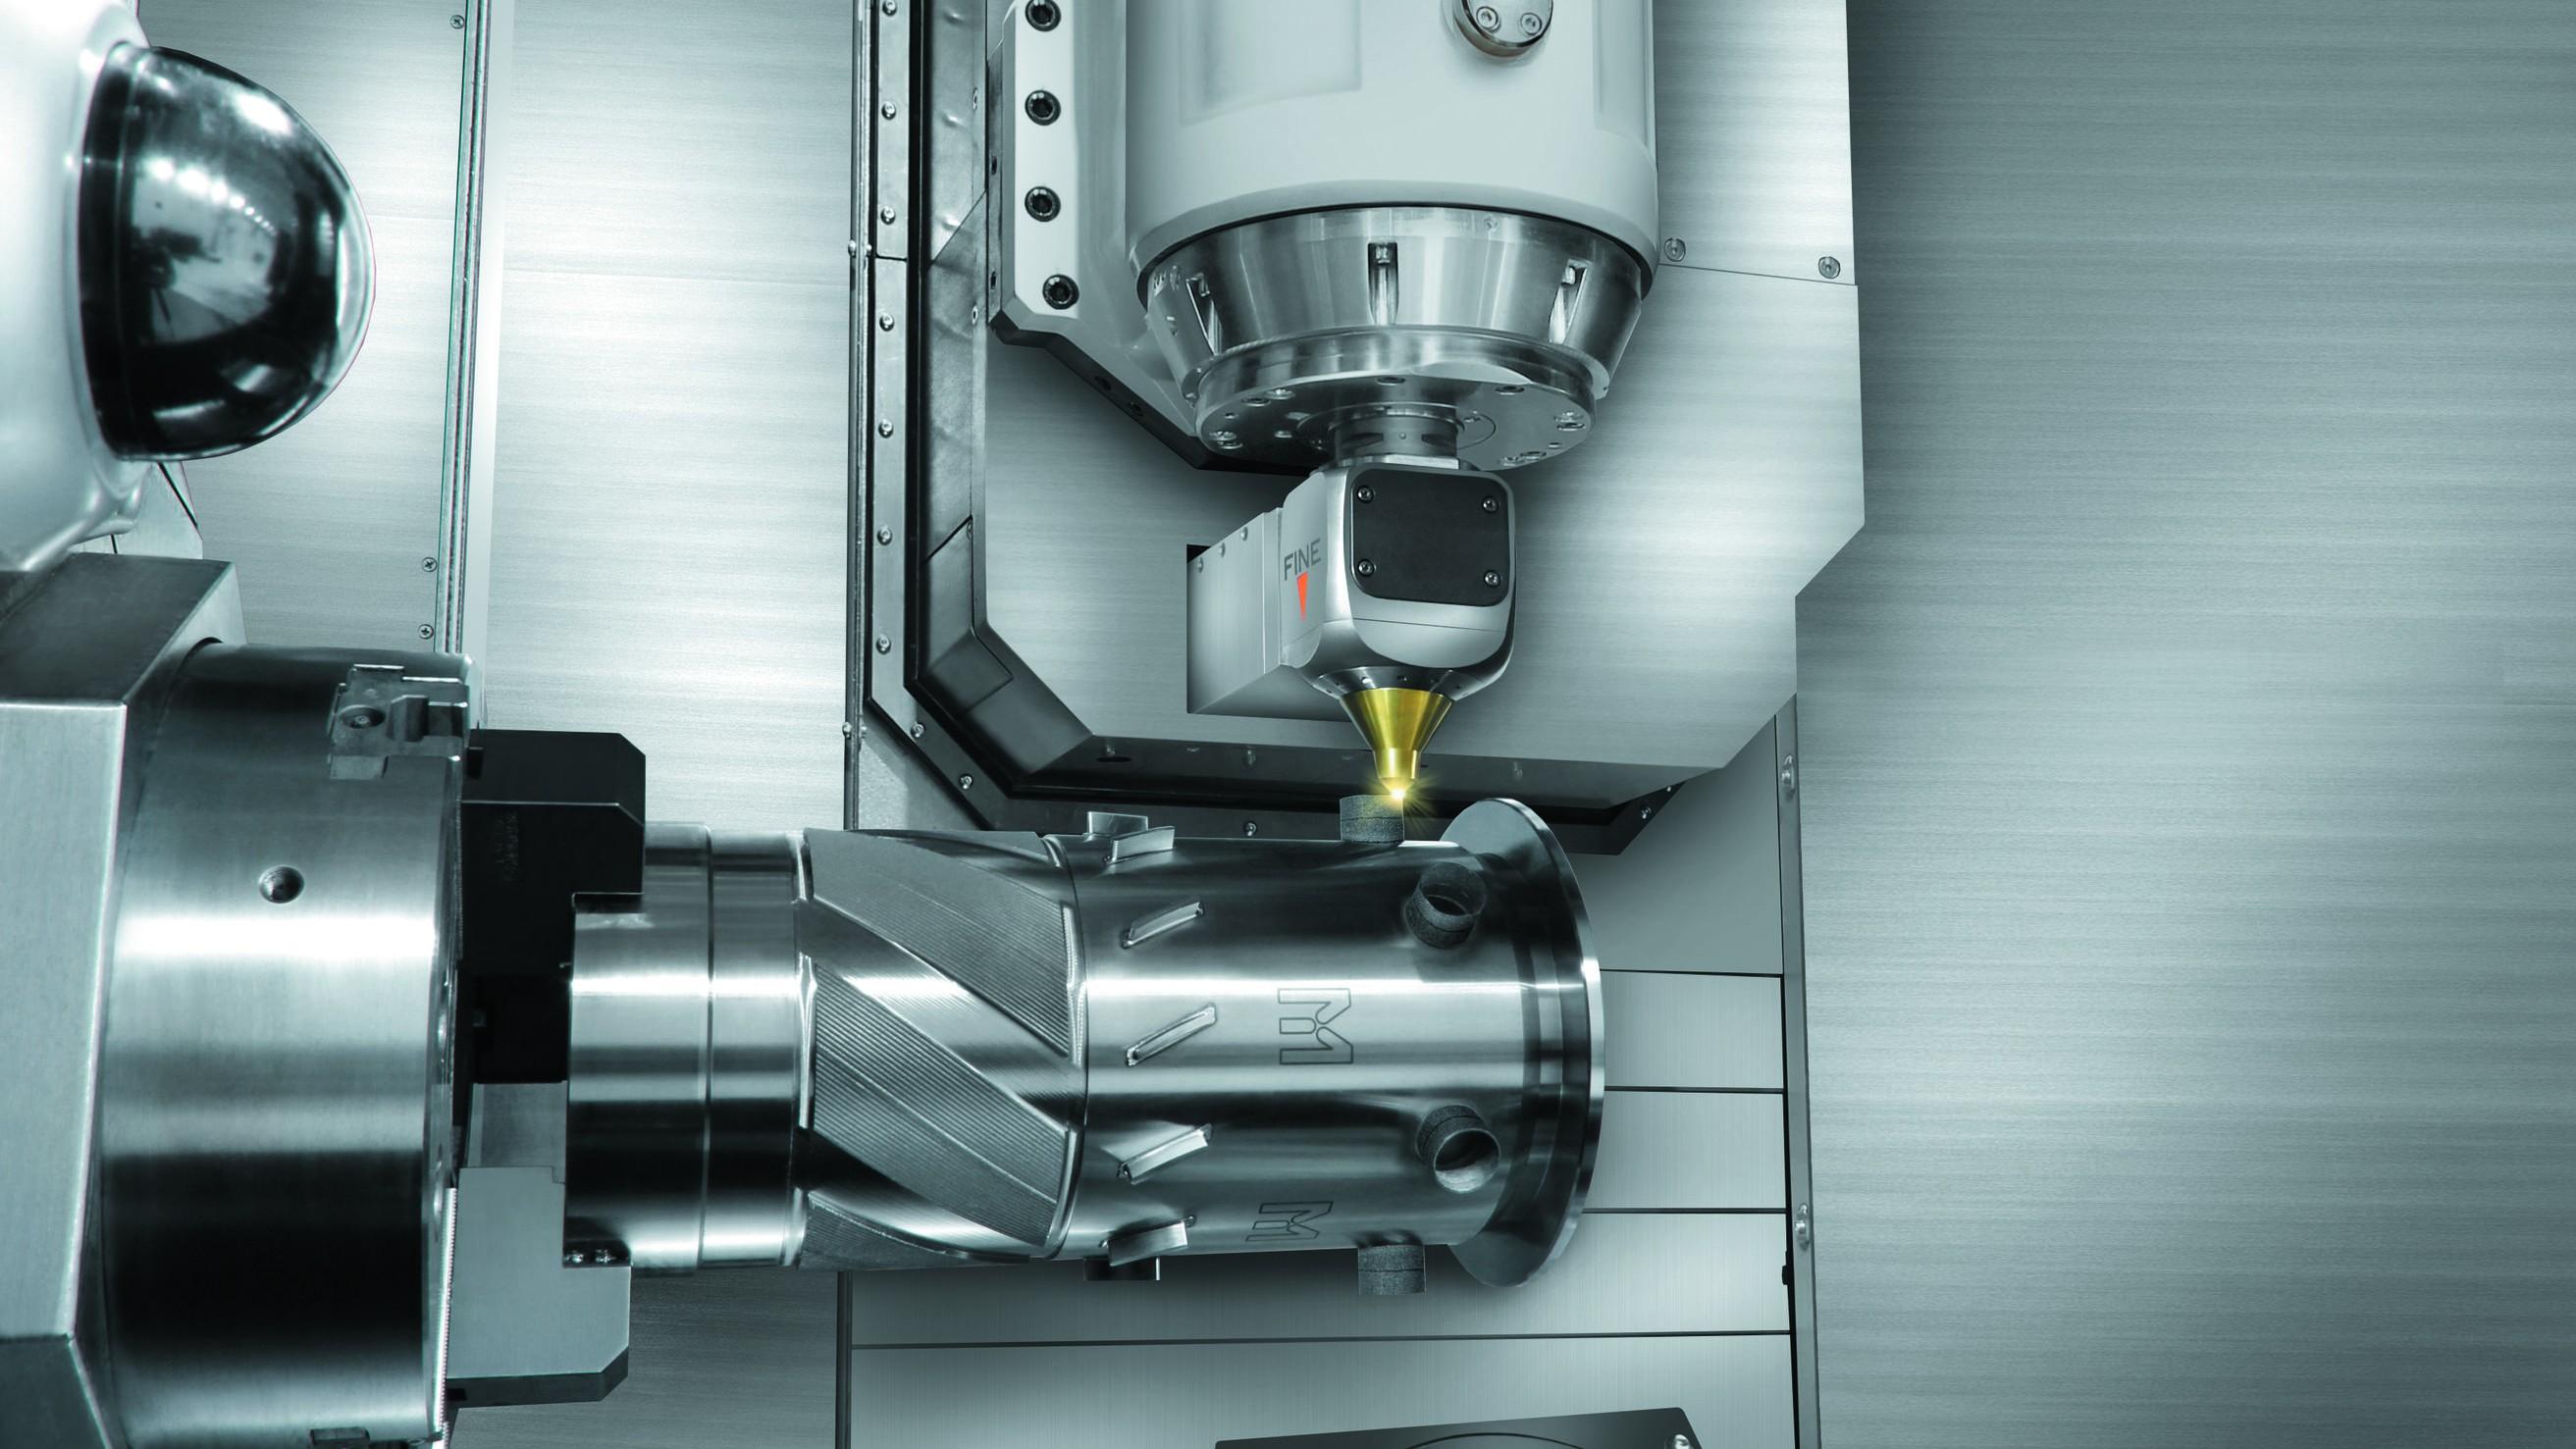 Mazak i-400AM hybrid machine